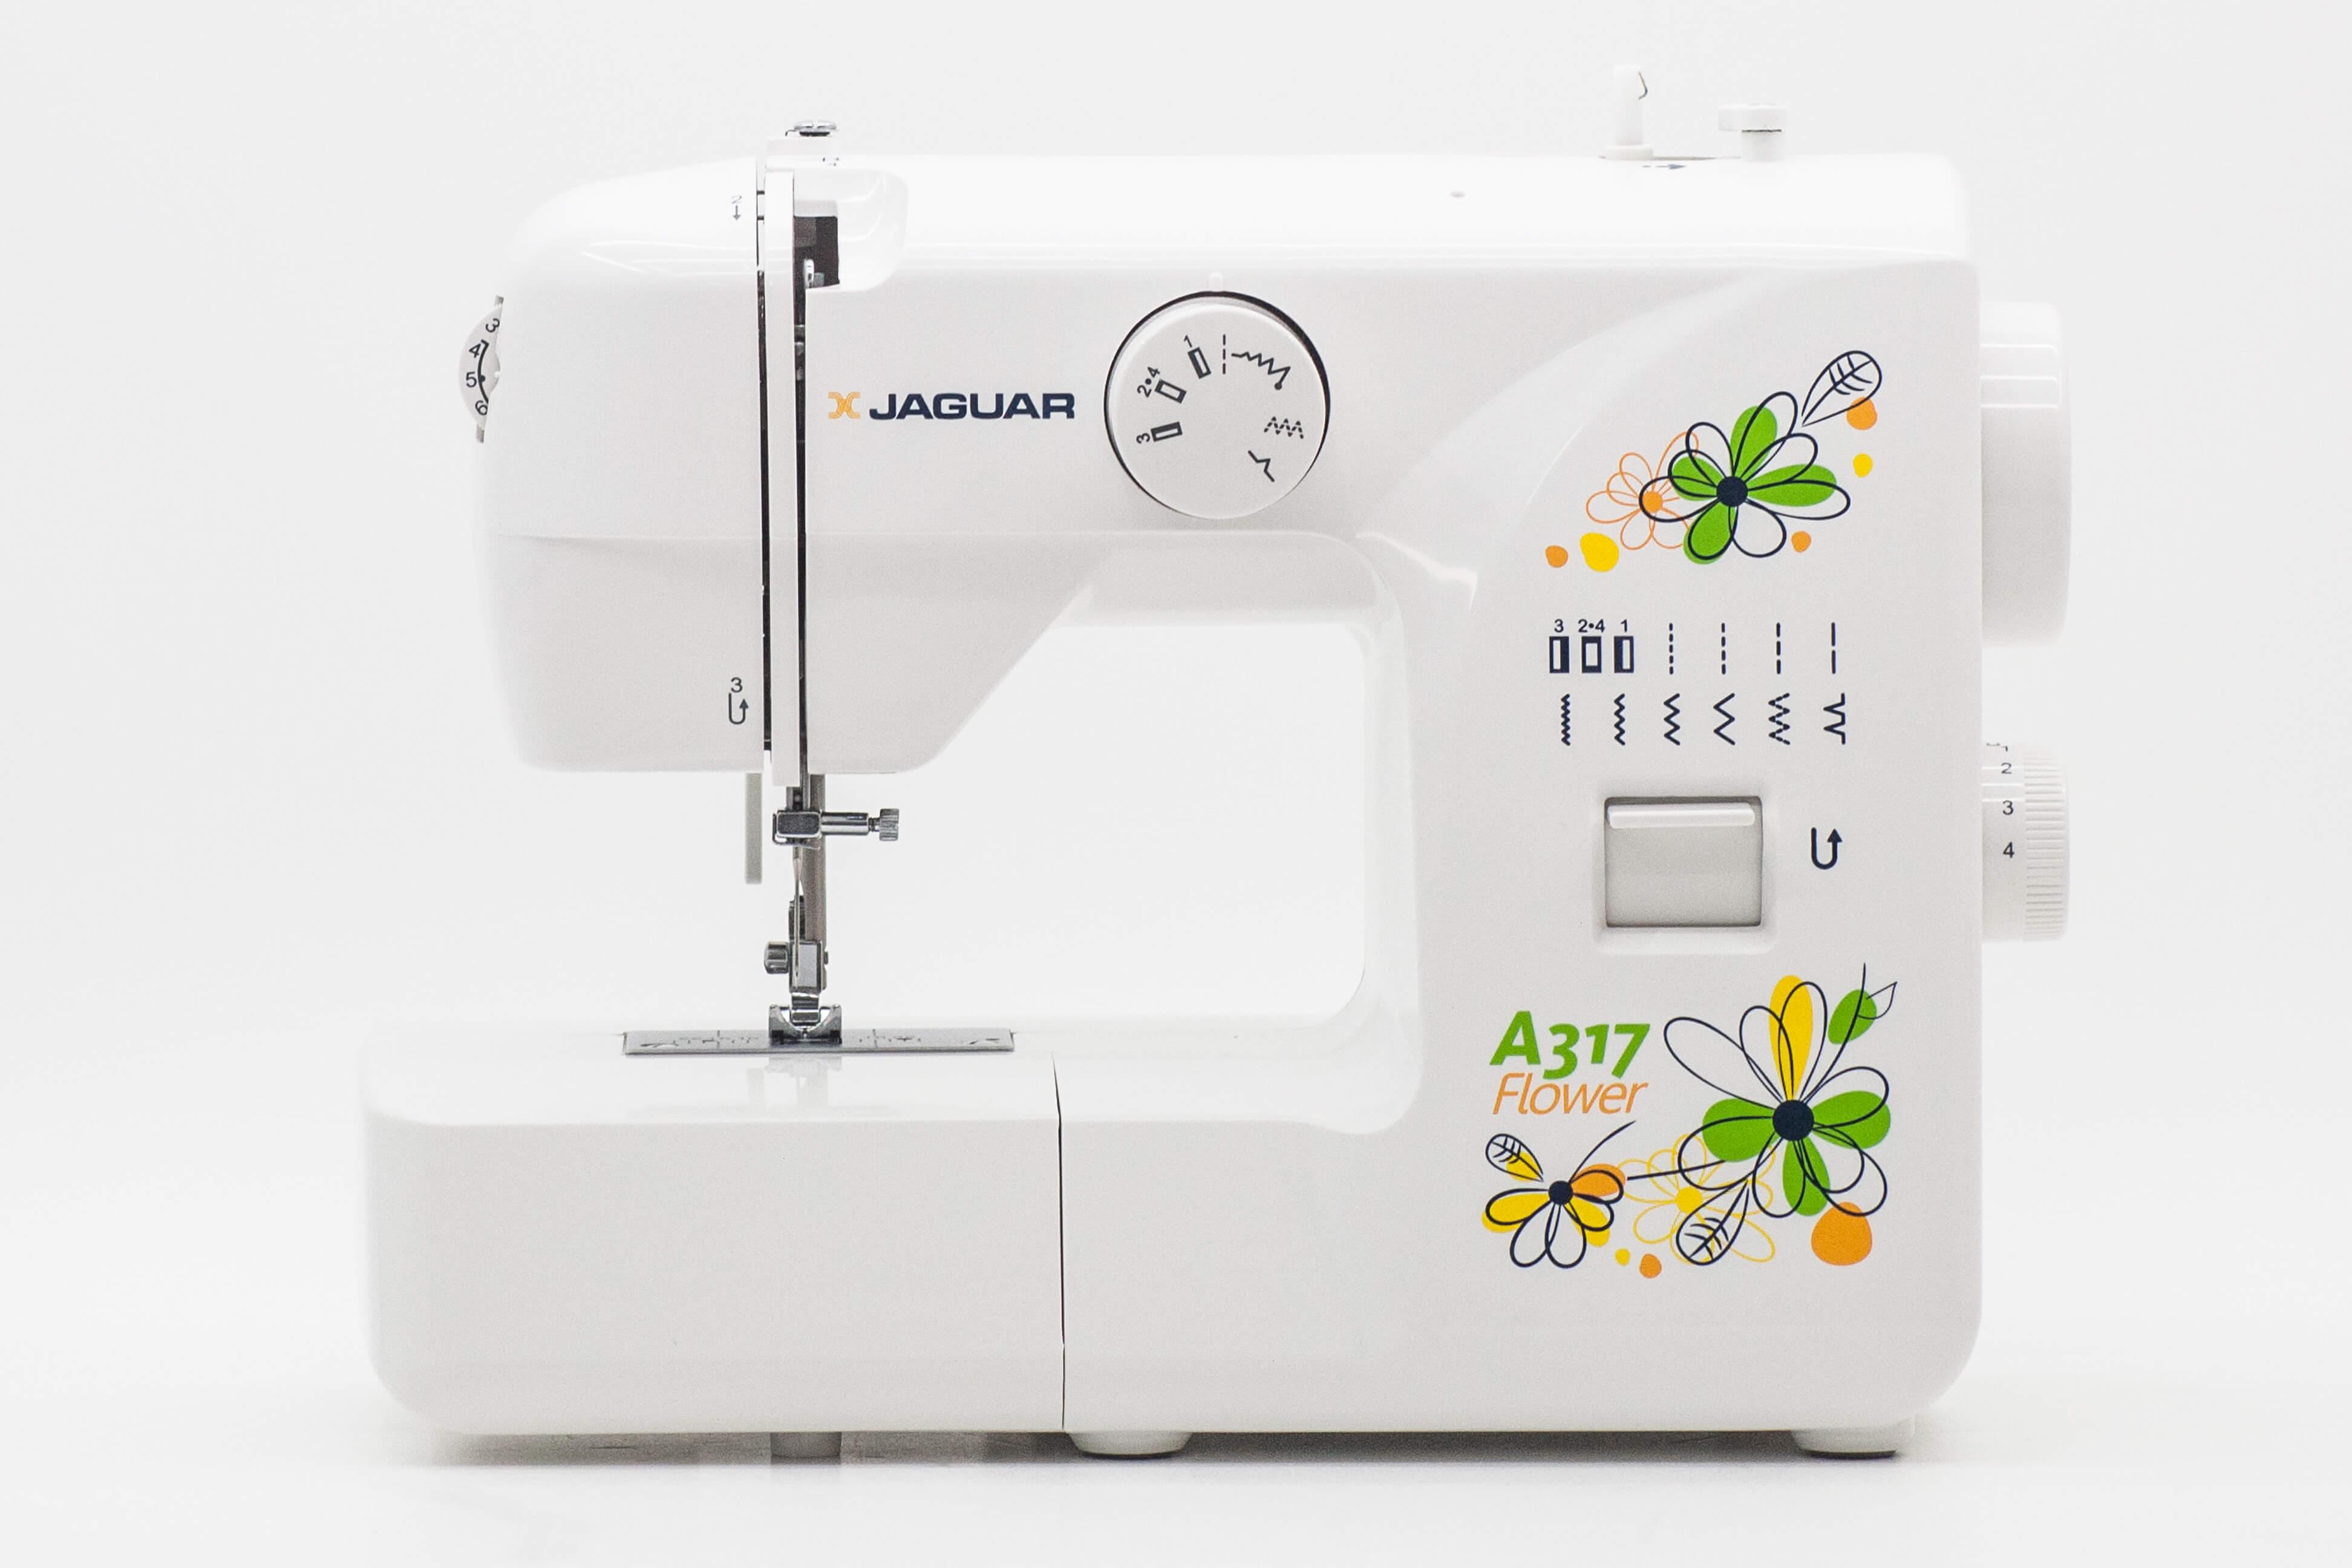 Швейная машина Jaguar A 317